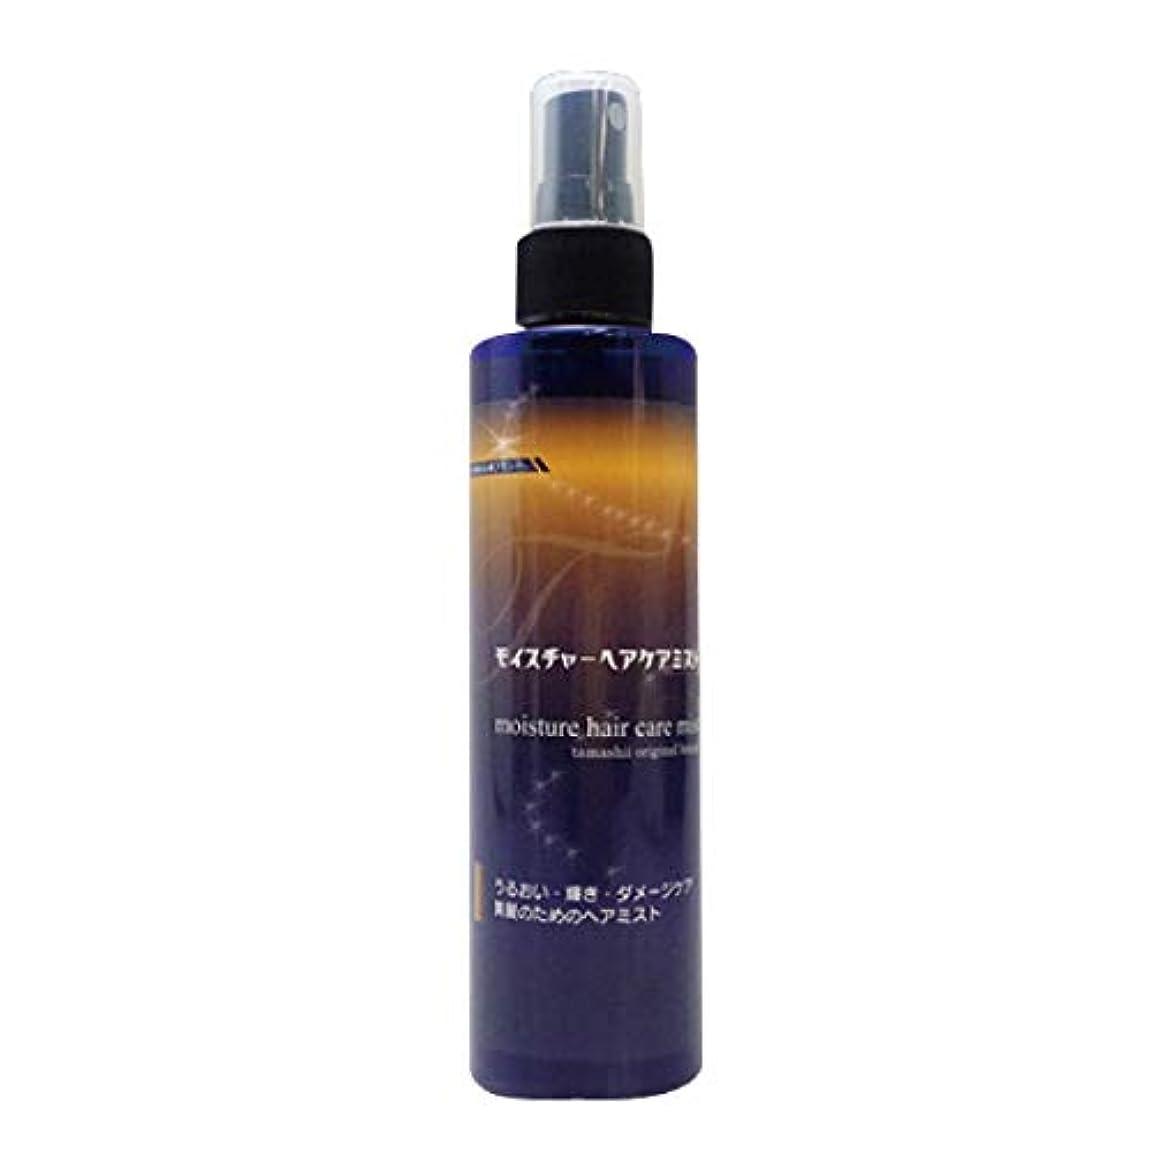 年齢頼る滝モイスチャーヘアケアミスト200ml(無香料) ミストタイプのノンケミカル無添加トリートメント(髪の美容液)